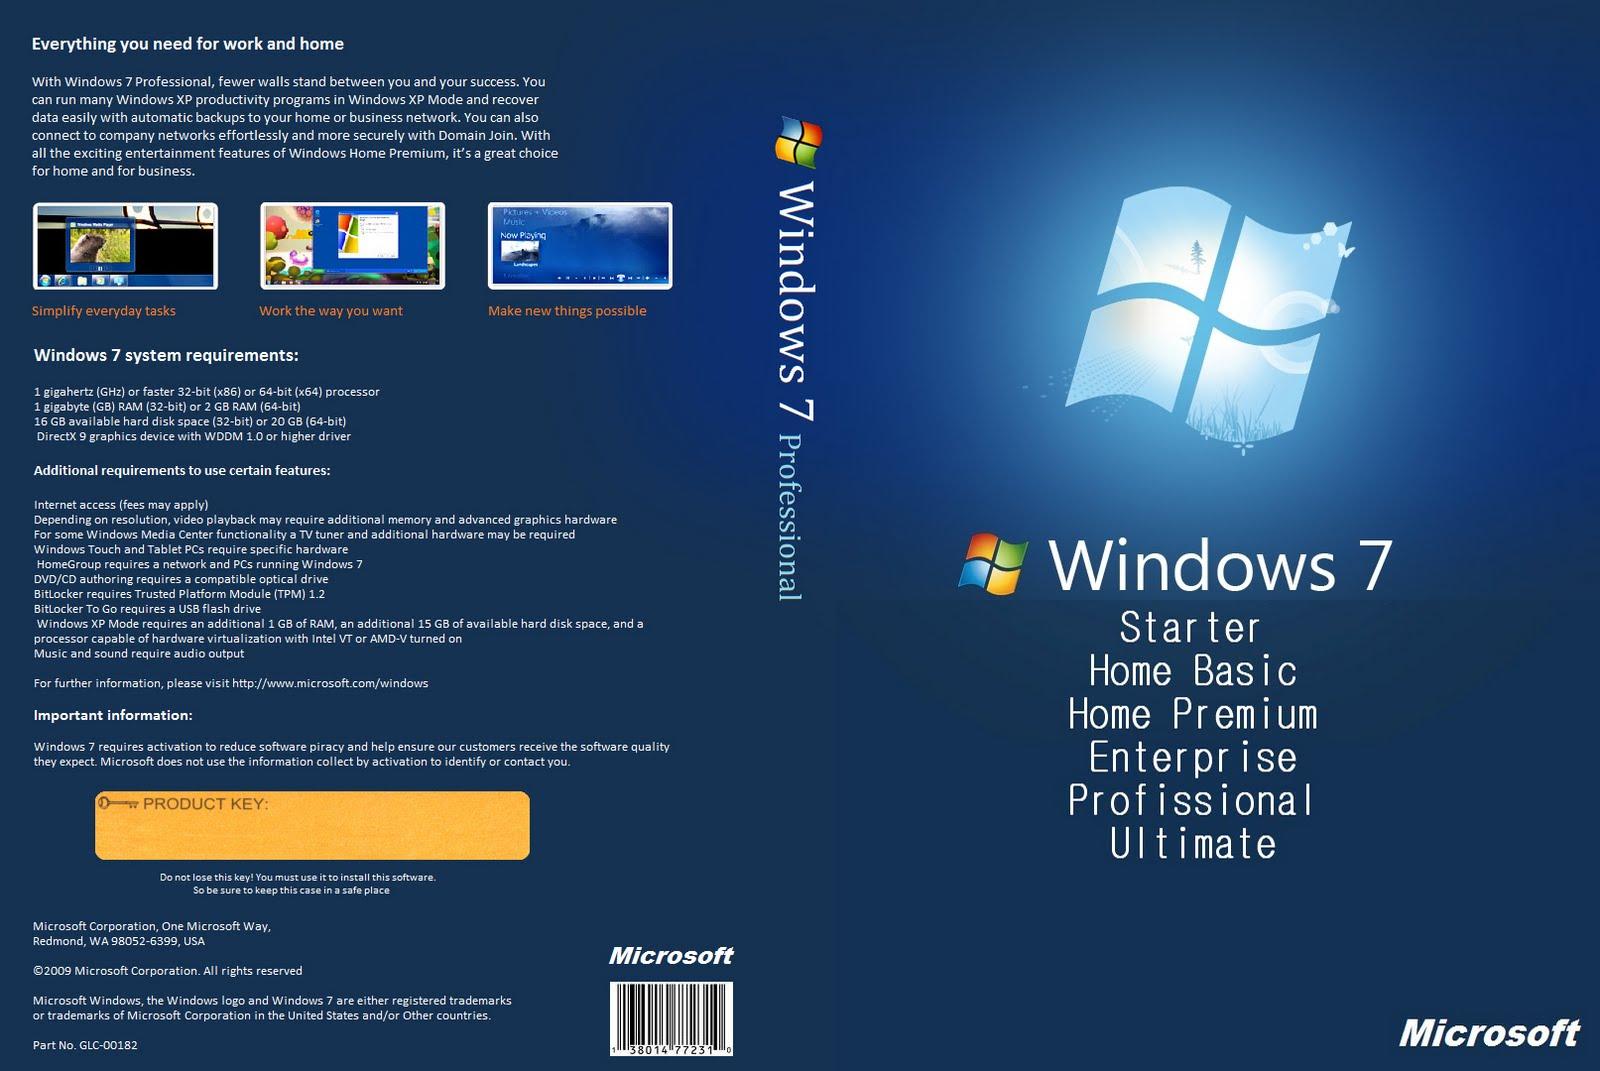 Windows 7 Todas as Versões Original PT-BR Atualizado Agosto 2012 Prodfgdgfessional